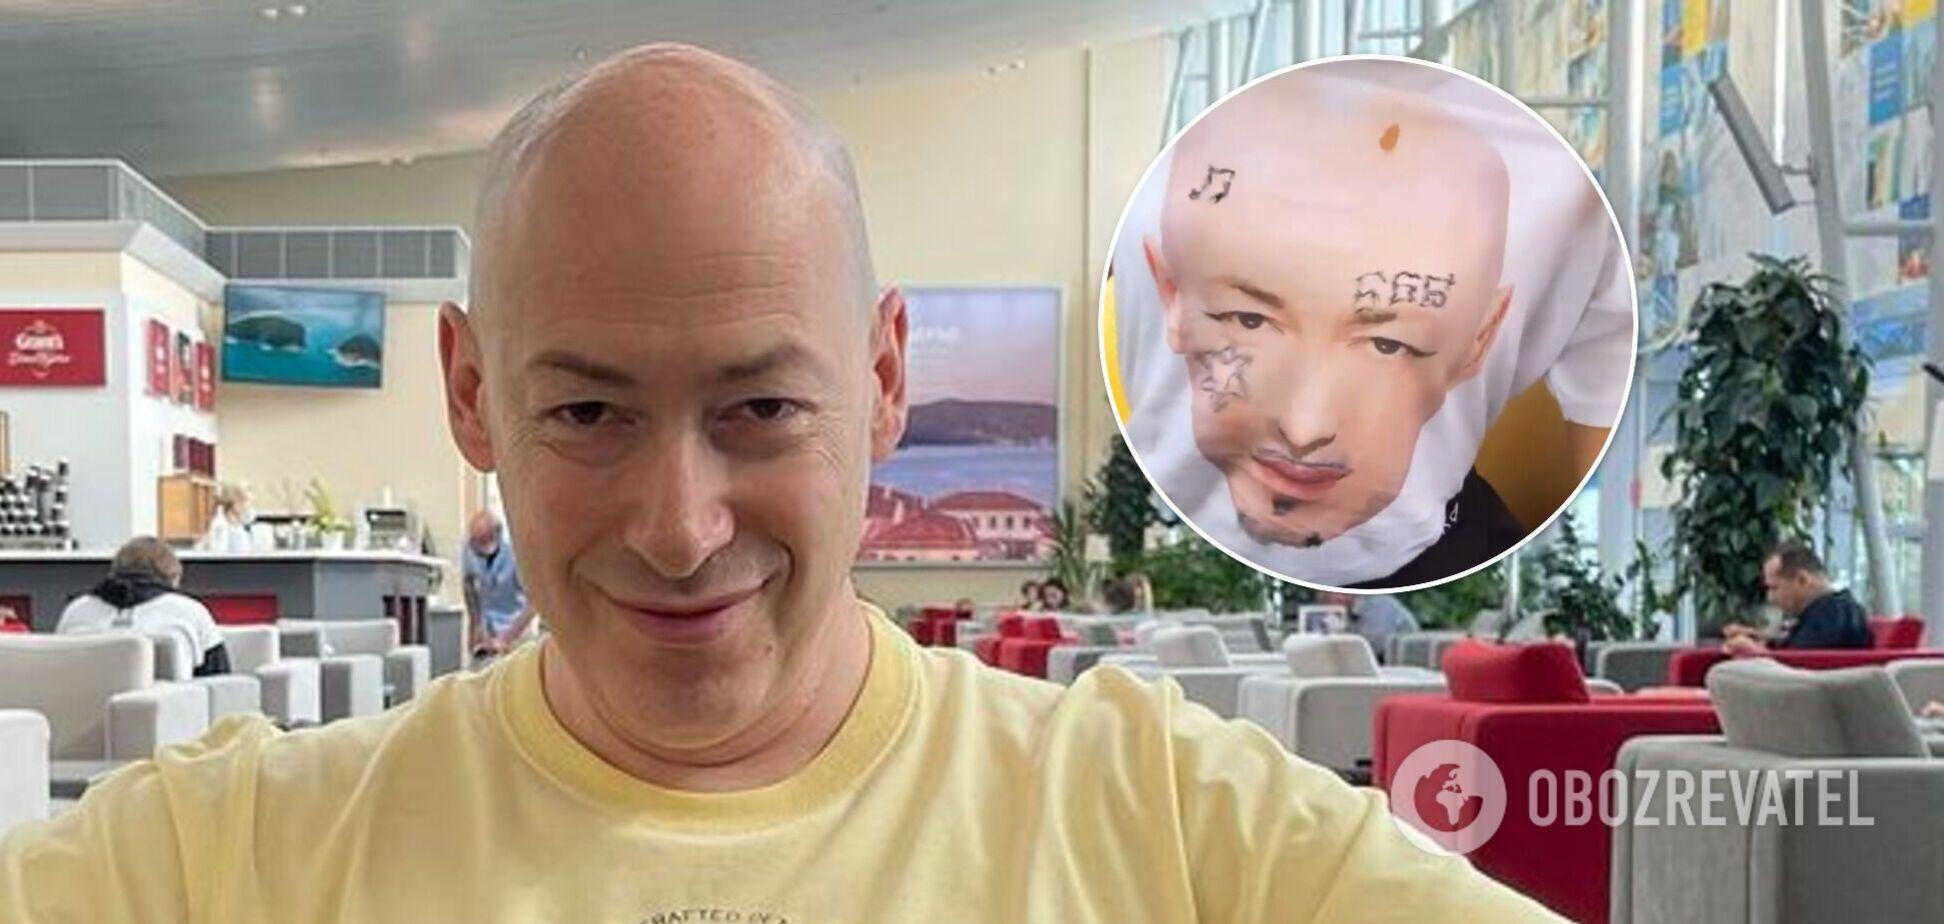 Дмитрий Гордон ответил Моргенштерну, который разрисовал его футболку. Видео